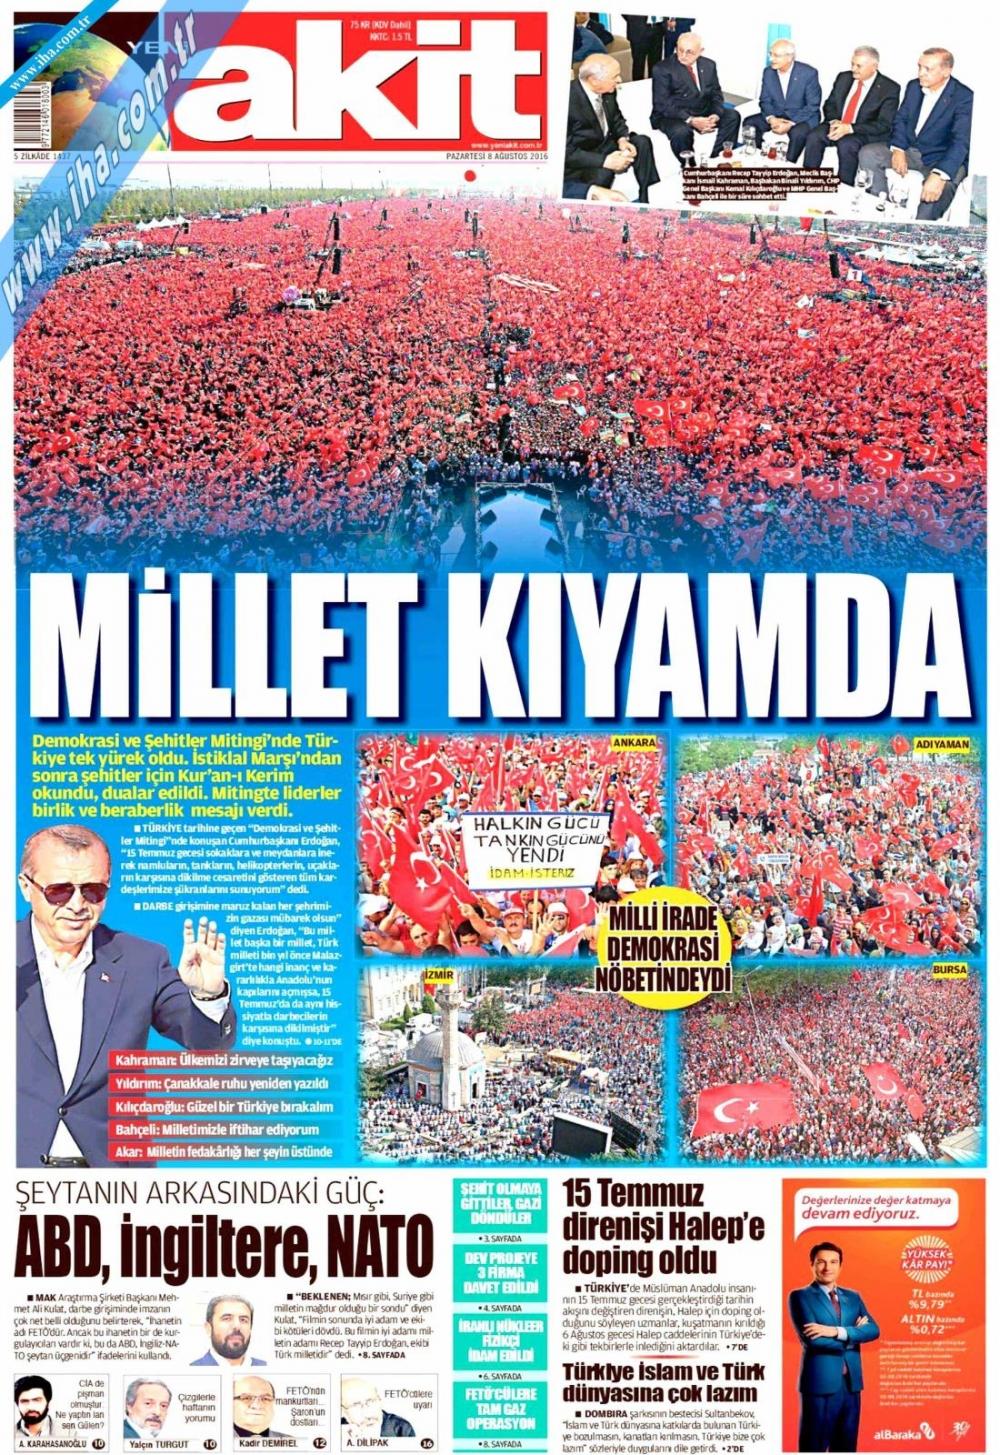 Gazeteler tarihi Yenikapı Mitingi'ni böyle gördü 22